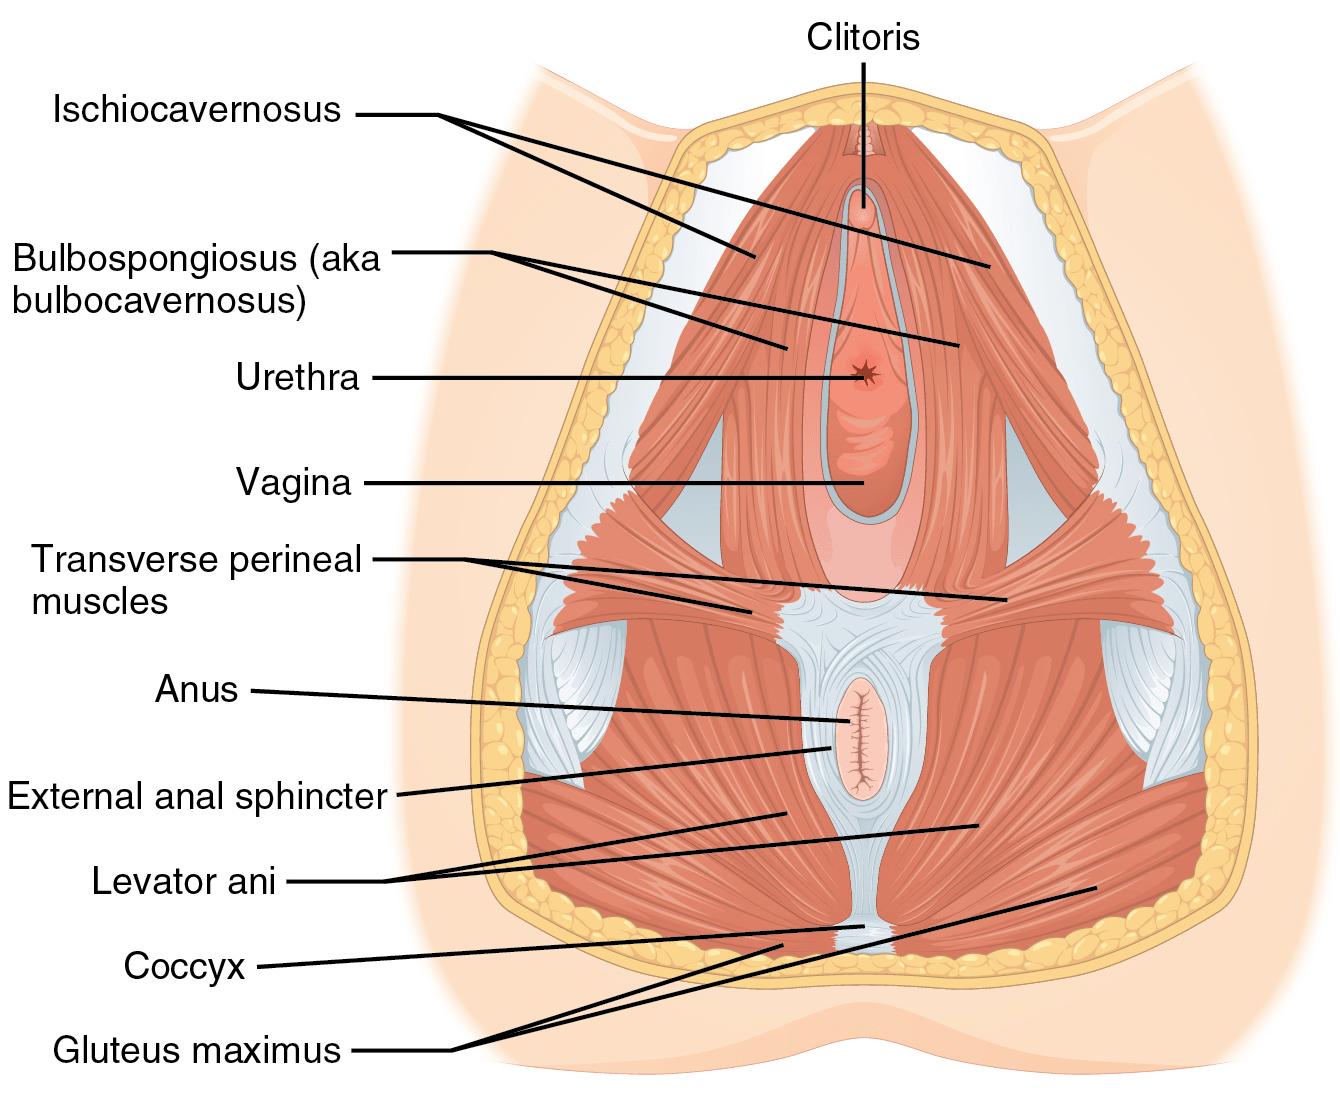 hight resolution of urethra diagram